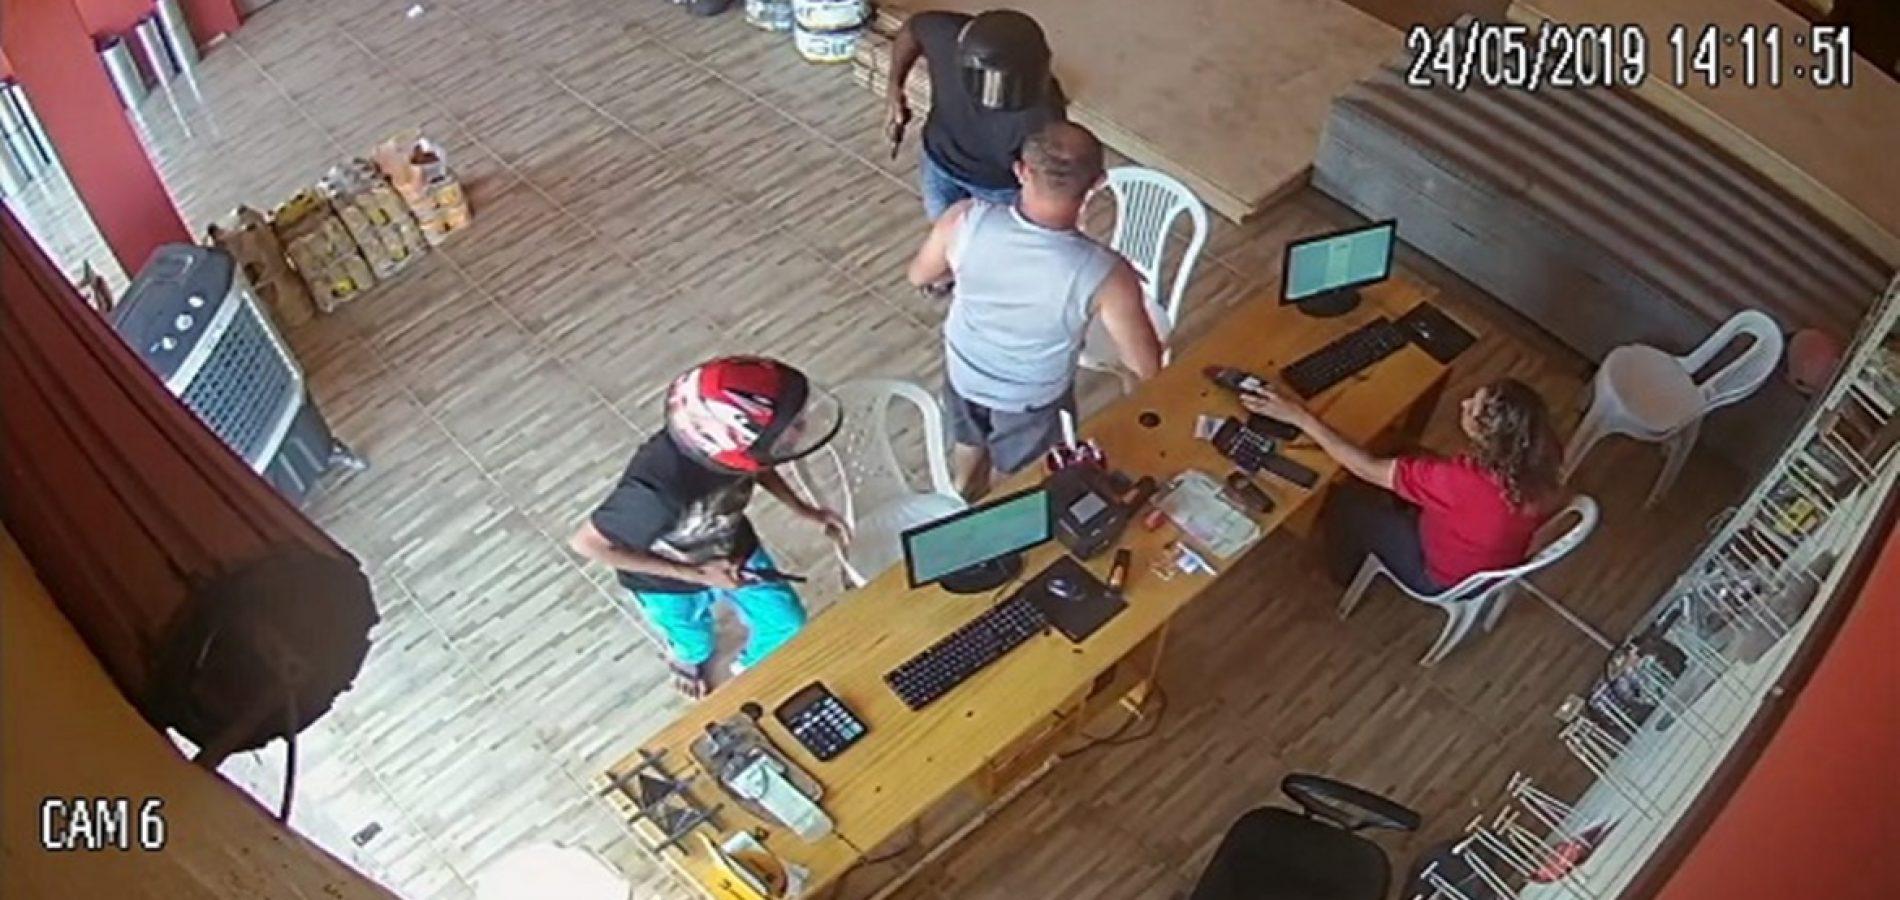 Câmera flagra criminosos assaltando estabelecimento no Piauí